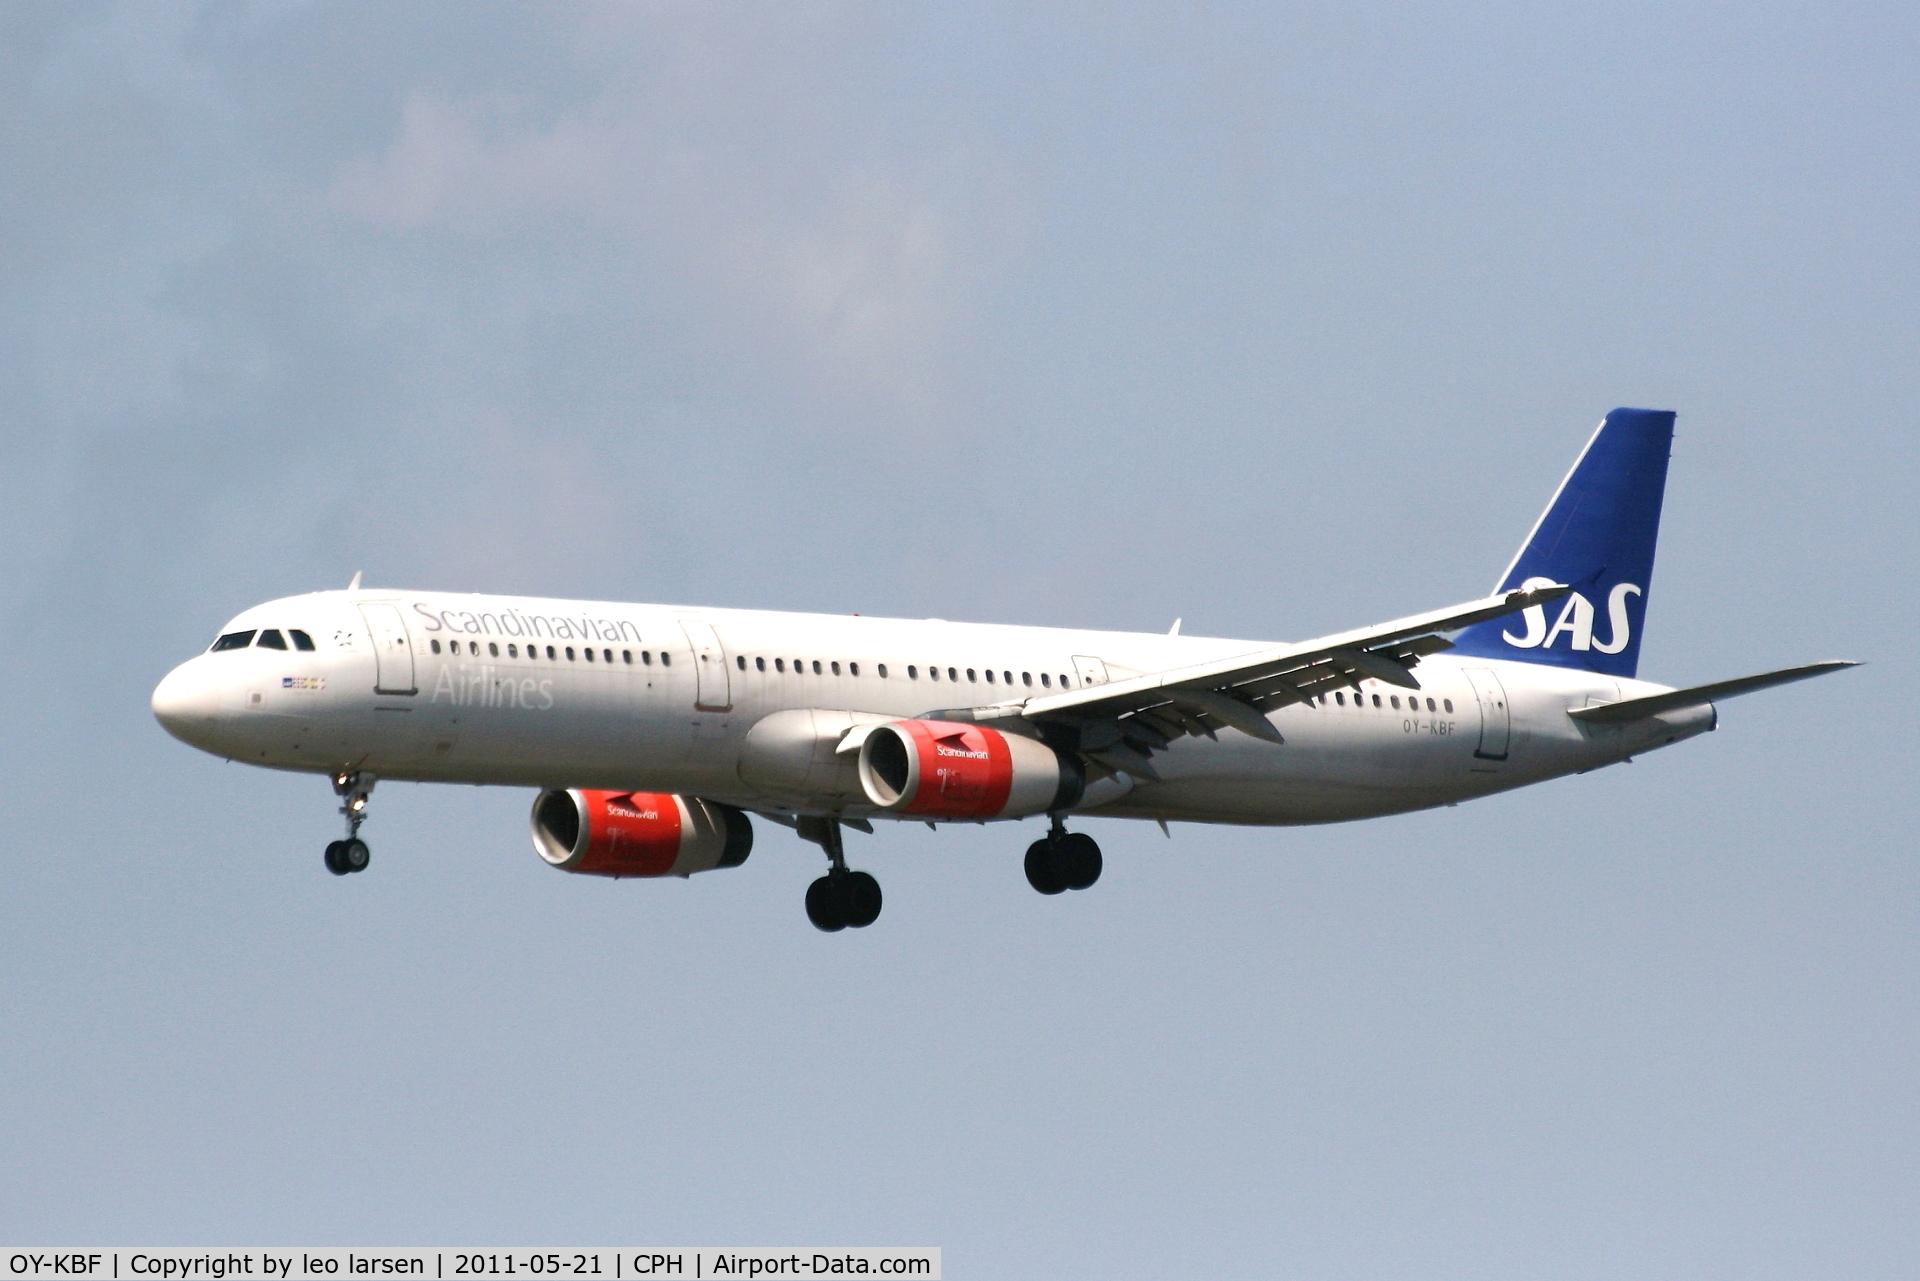 OY-KBF, 2002 Airbus A321-232 C/N 1807, Copenhagen 21.5.11